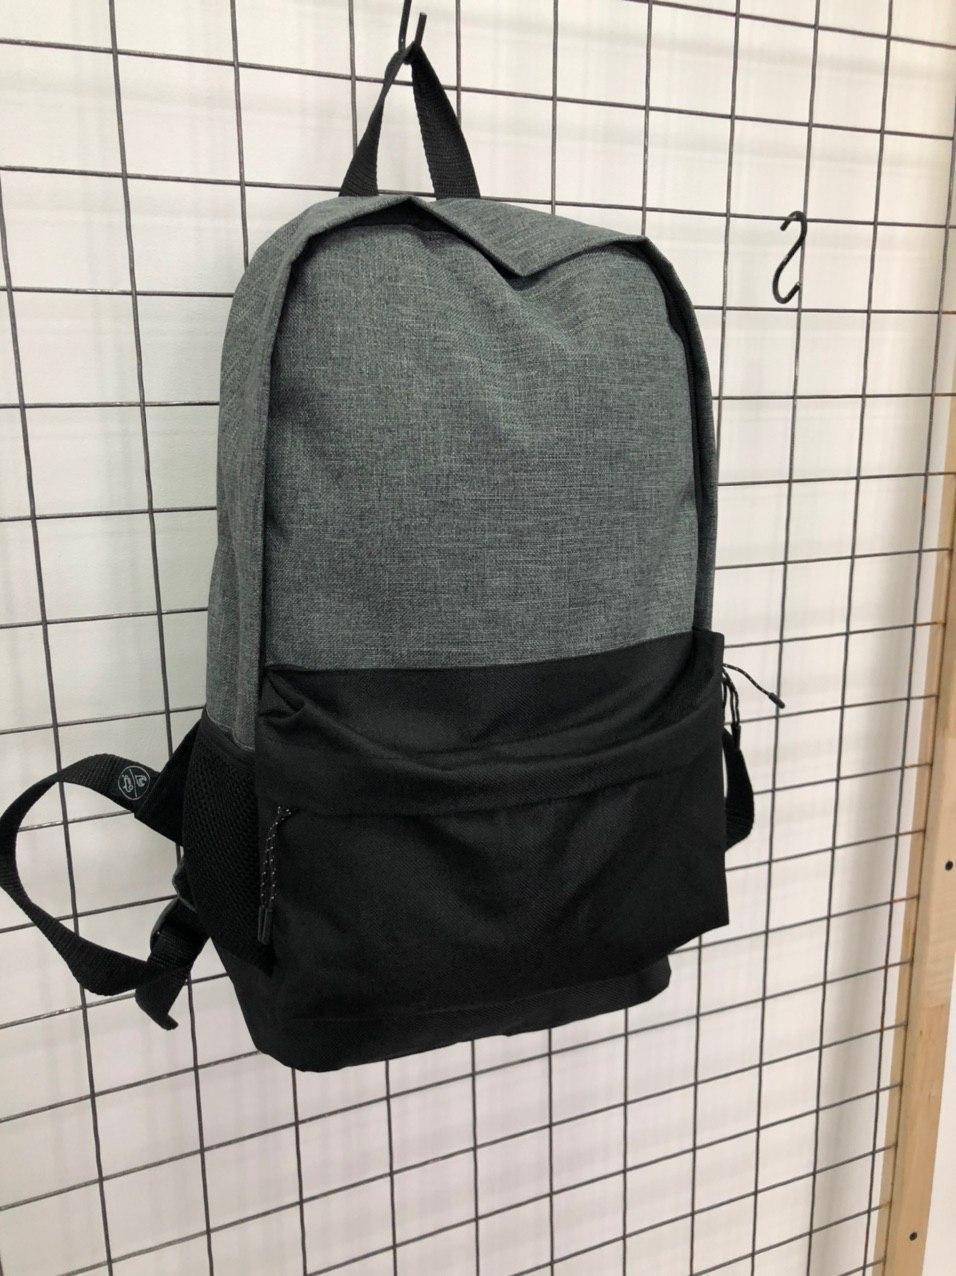 Рюкзак Пушка Огонь чорно-сірий